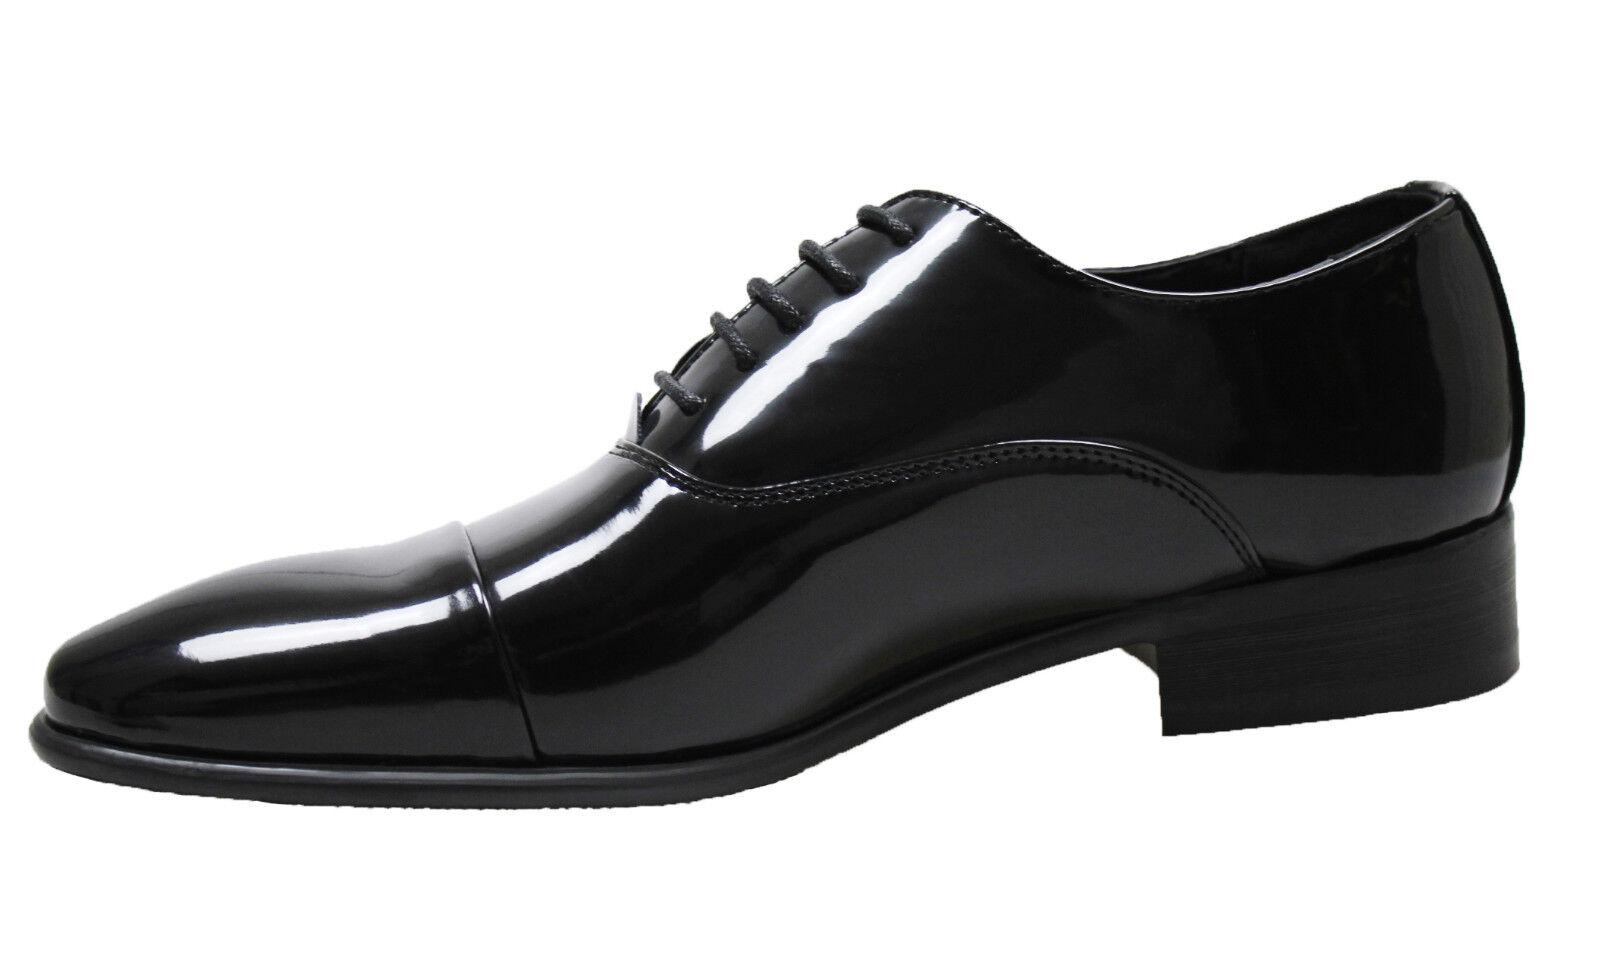 Herrenschuhe Class Schwarz Glänzend Schuhe Elegant Unternehmen Zeremonie von 40